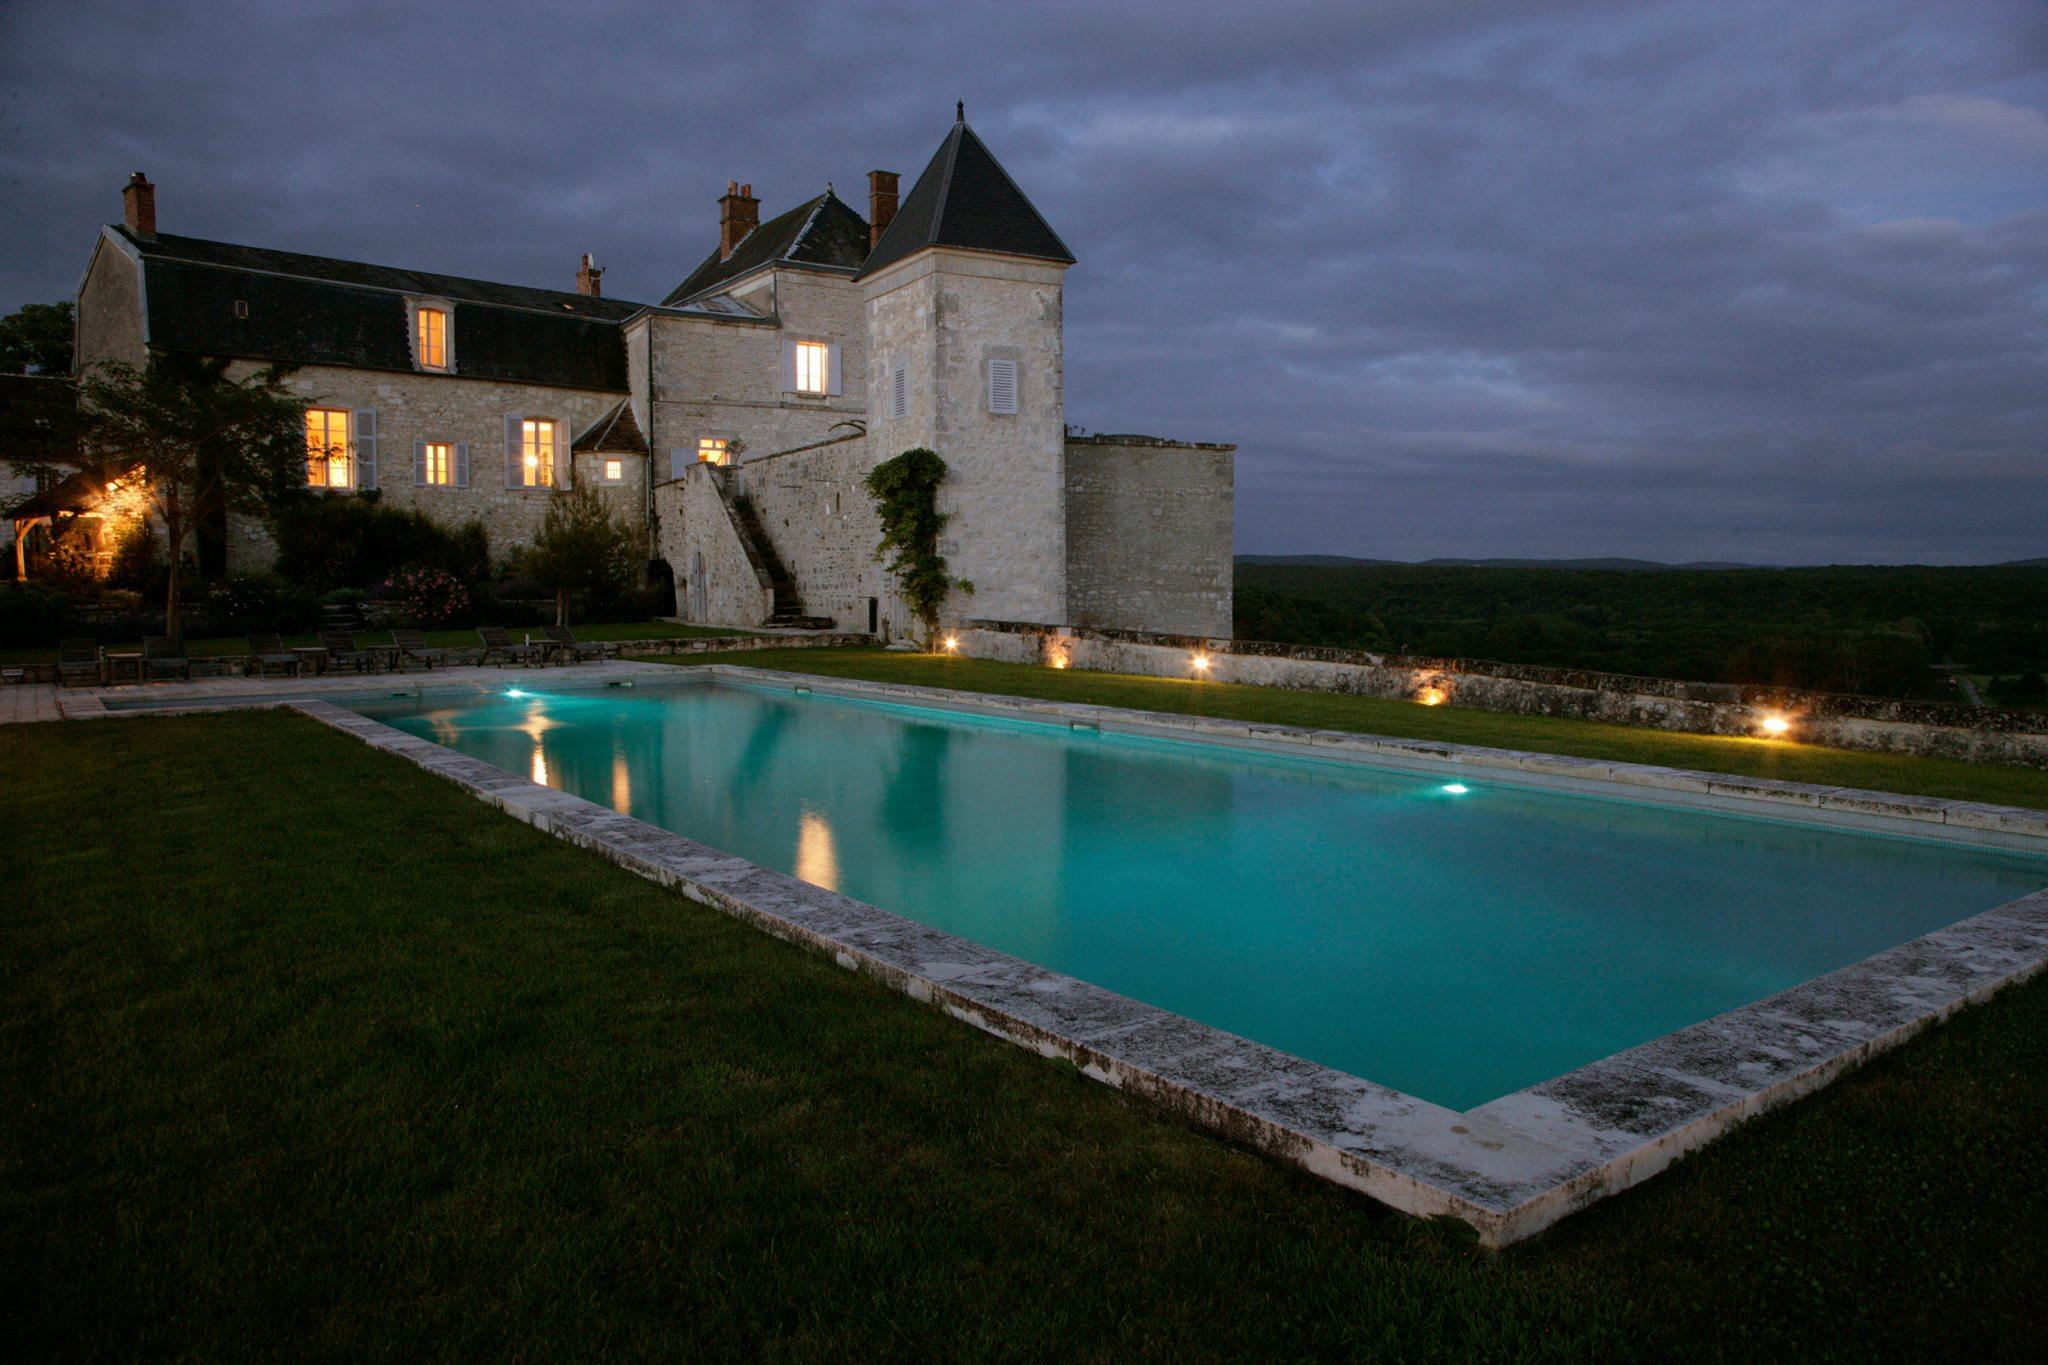 Chateau_nighttimepool_lit.jpg